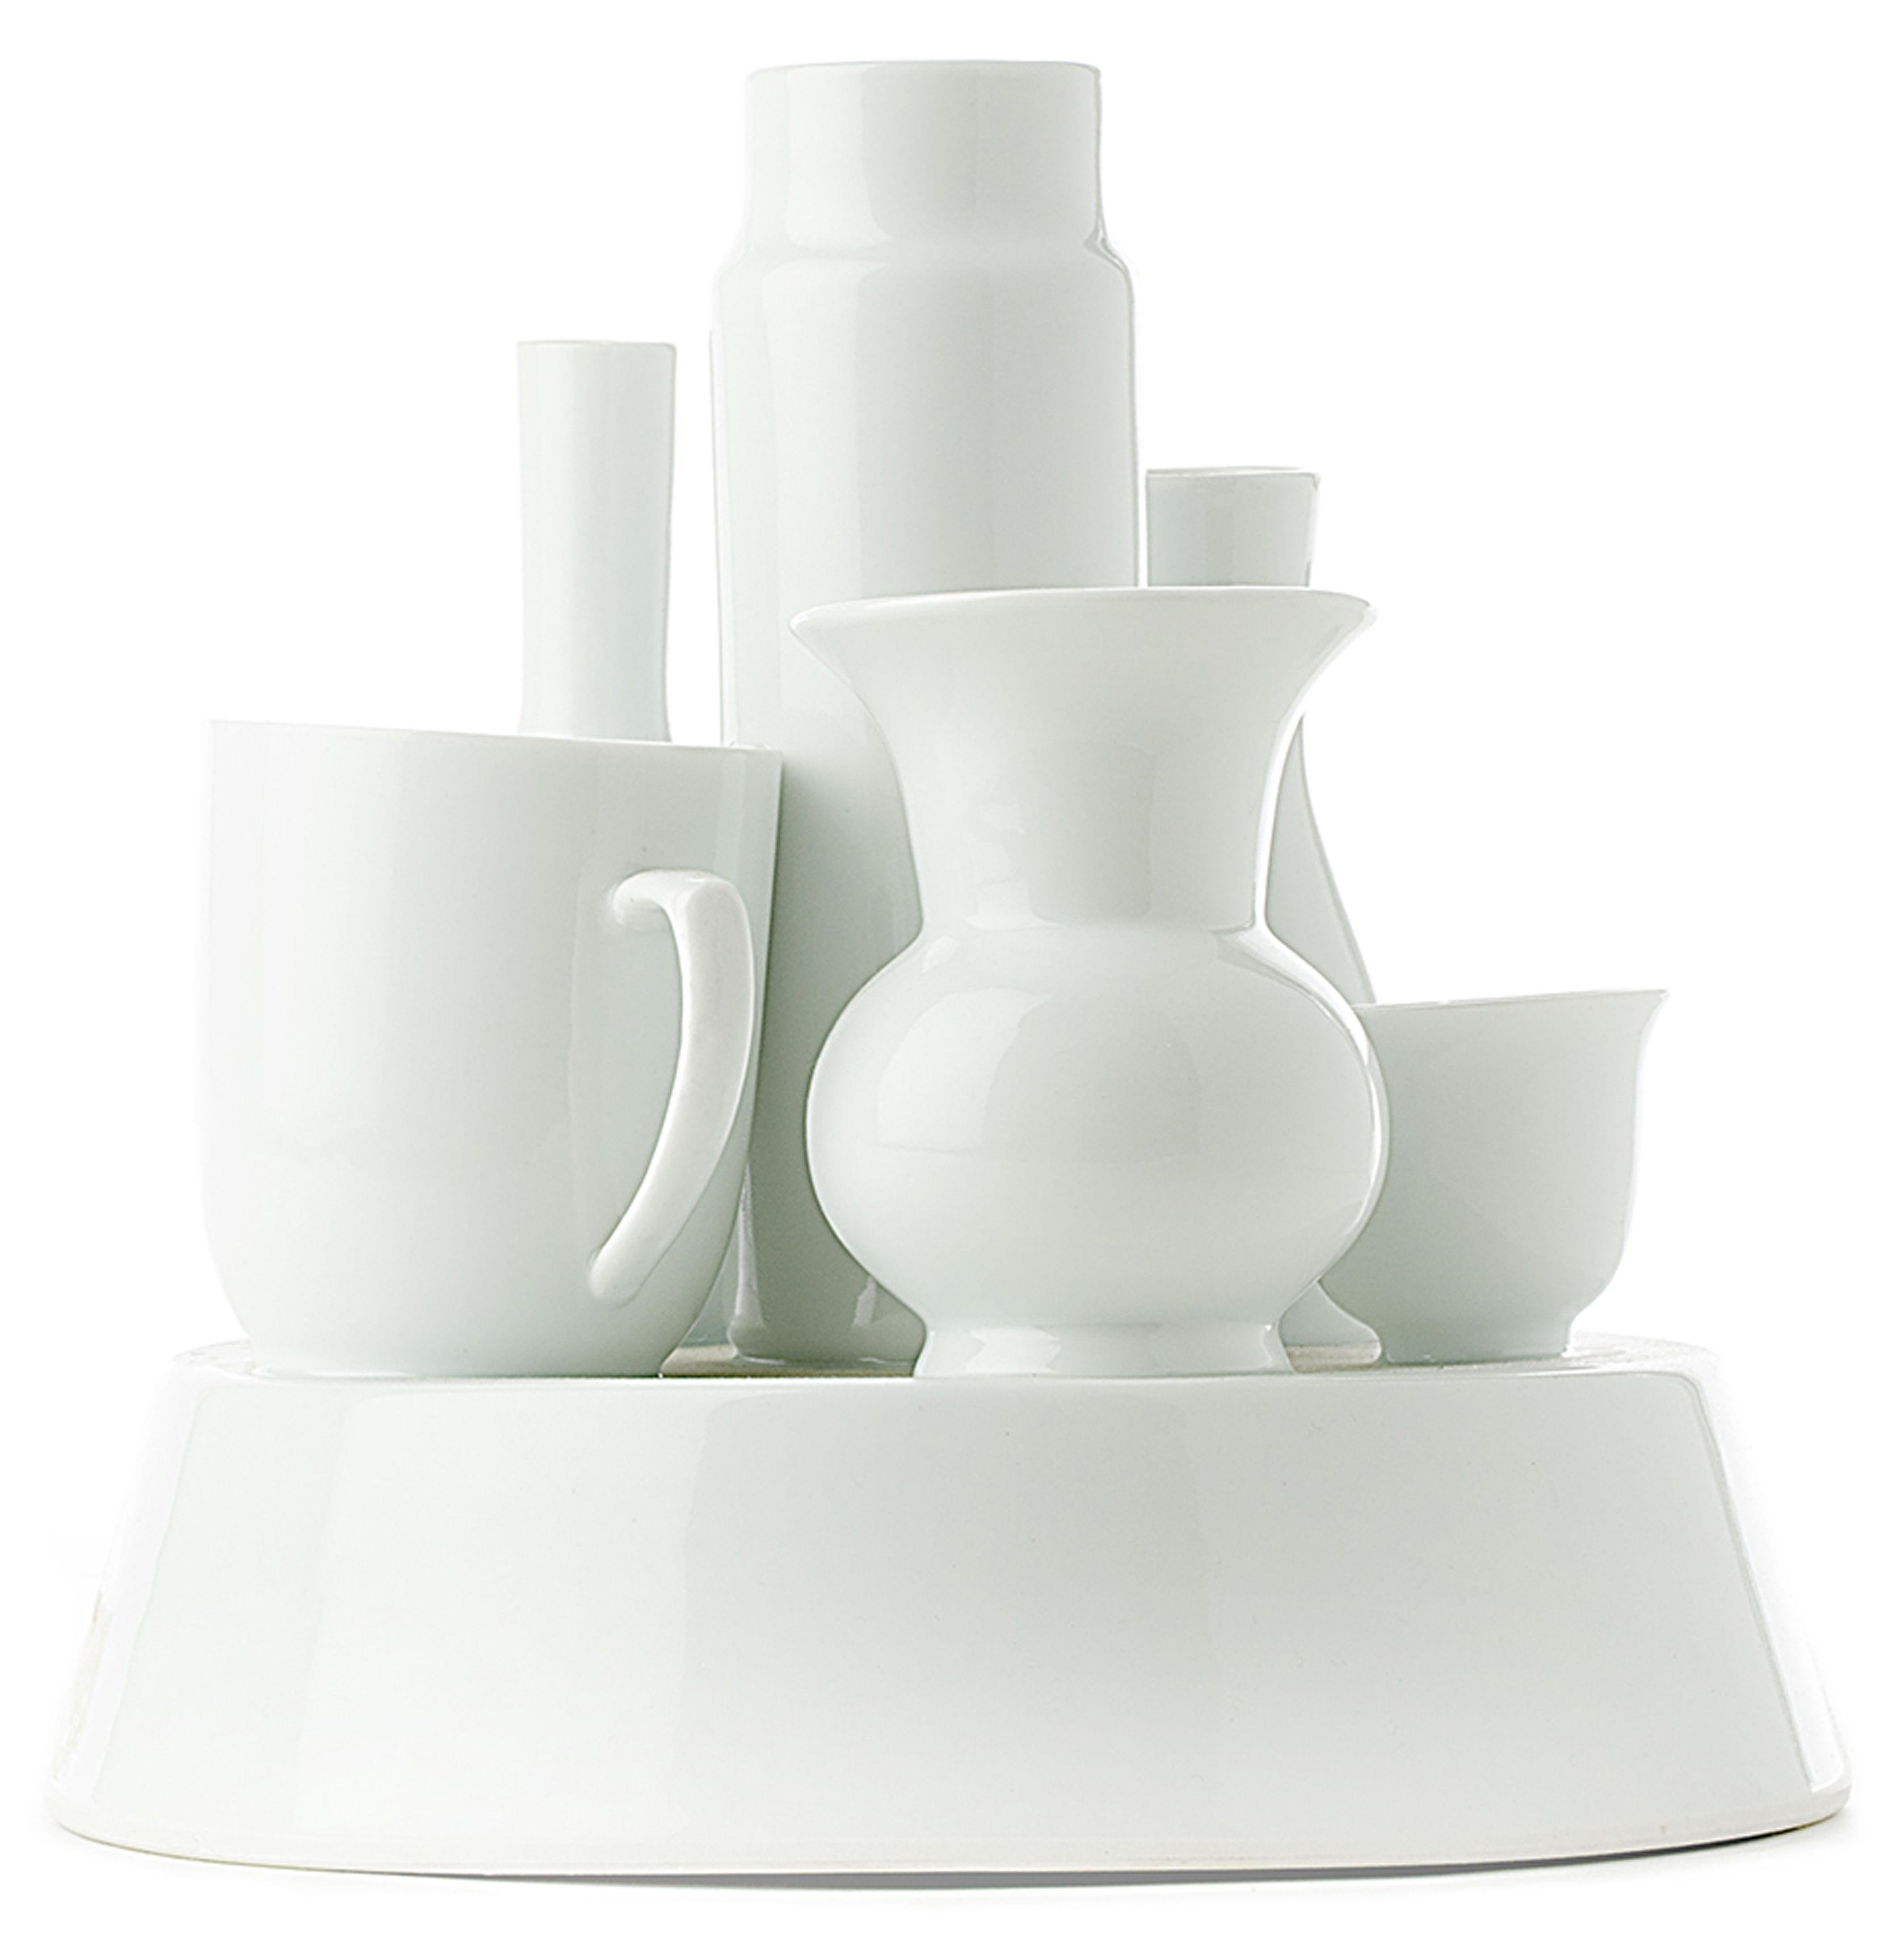 hong kong vase white by pols potten. Black Bedroom Furniture Sets. Home Design Ideas